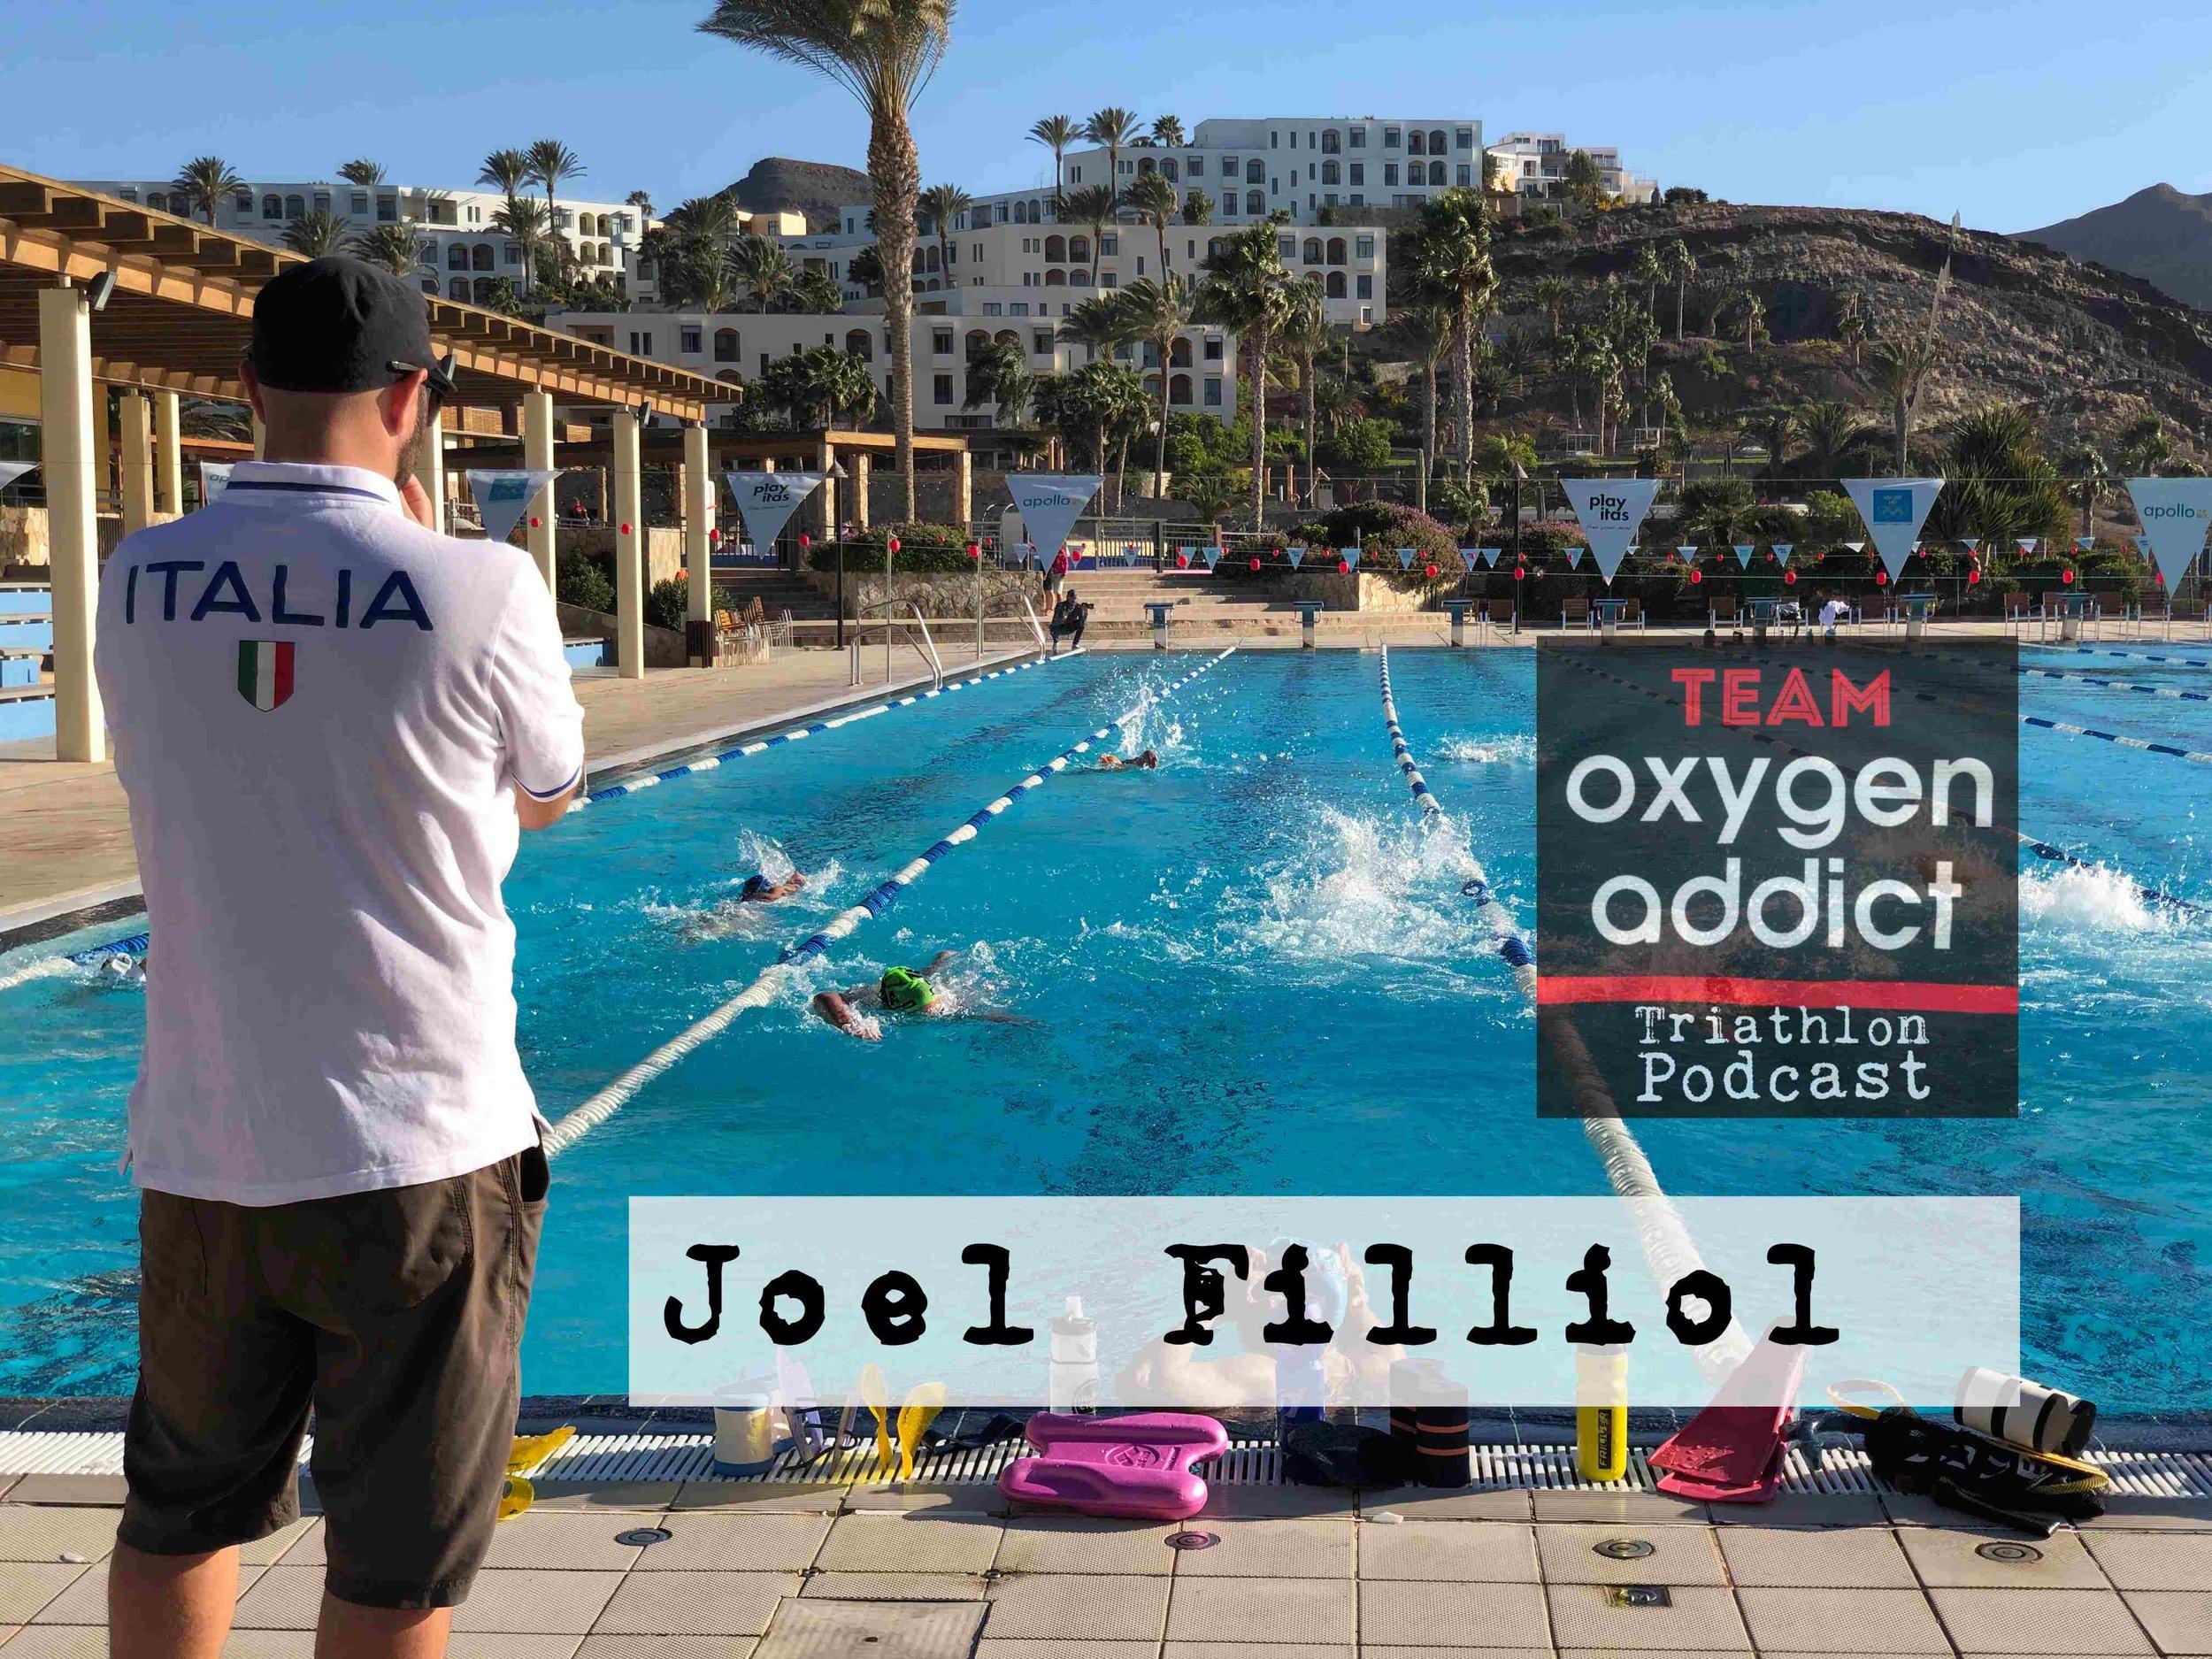 216 Joel Filliol - Triathlon coach, and IFC Olympic